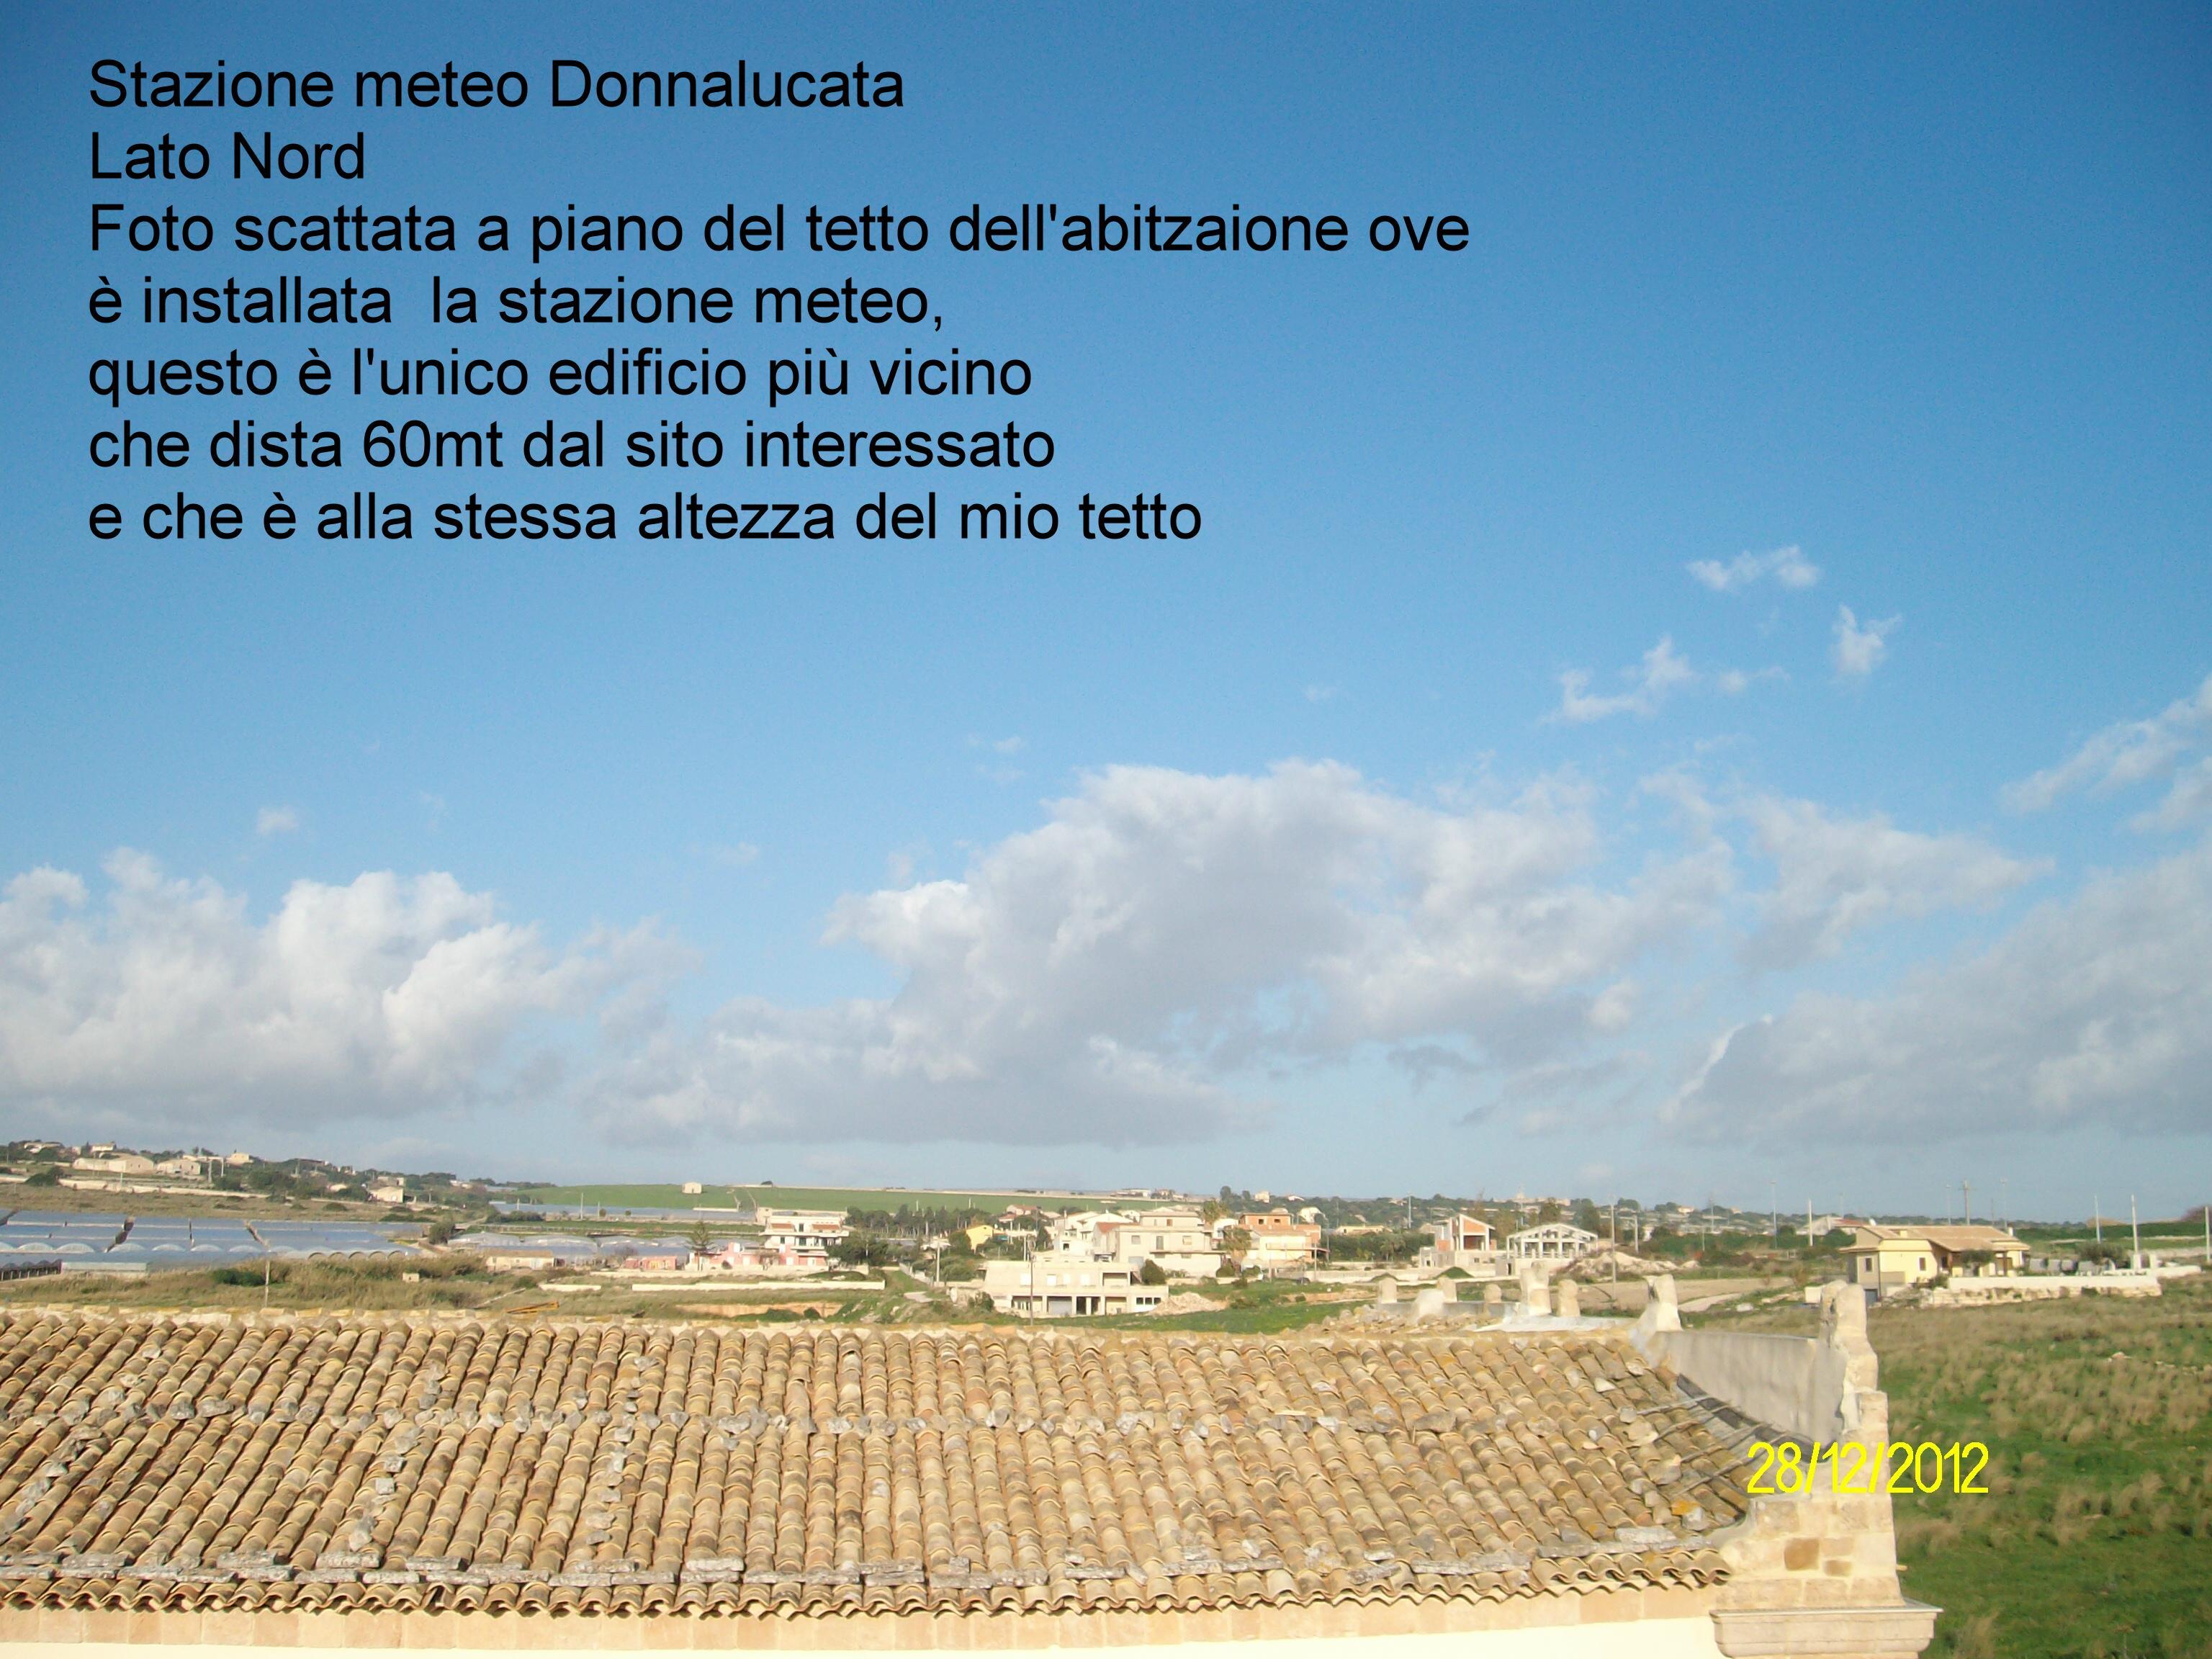 Ufficio Postale Donnalucata : Caratteristiche stazione meteo di donnalucata scicli mymeteonetwork